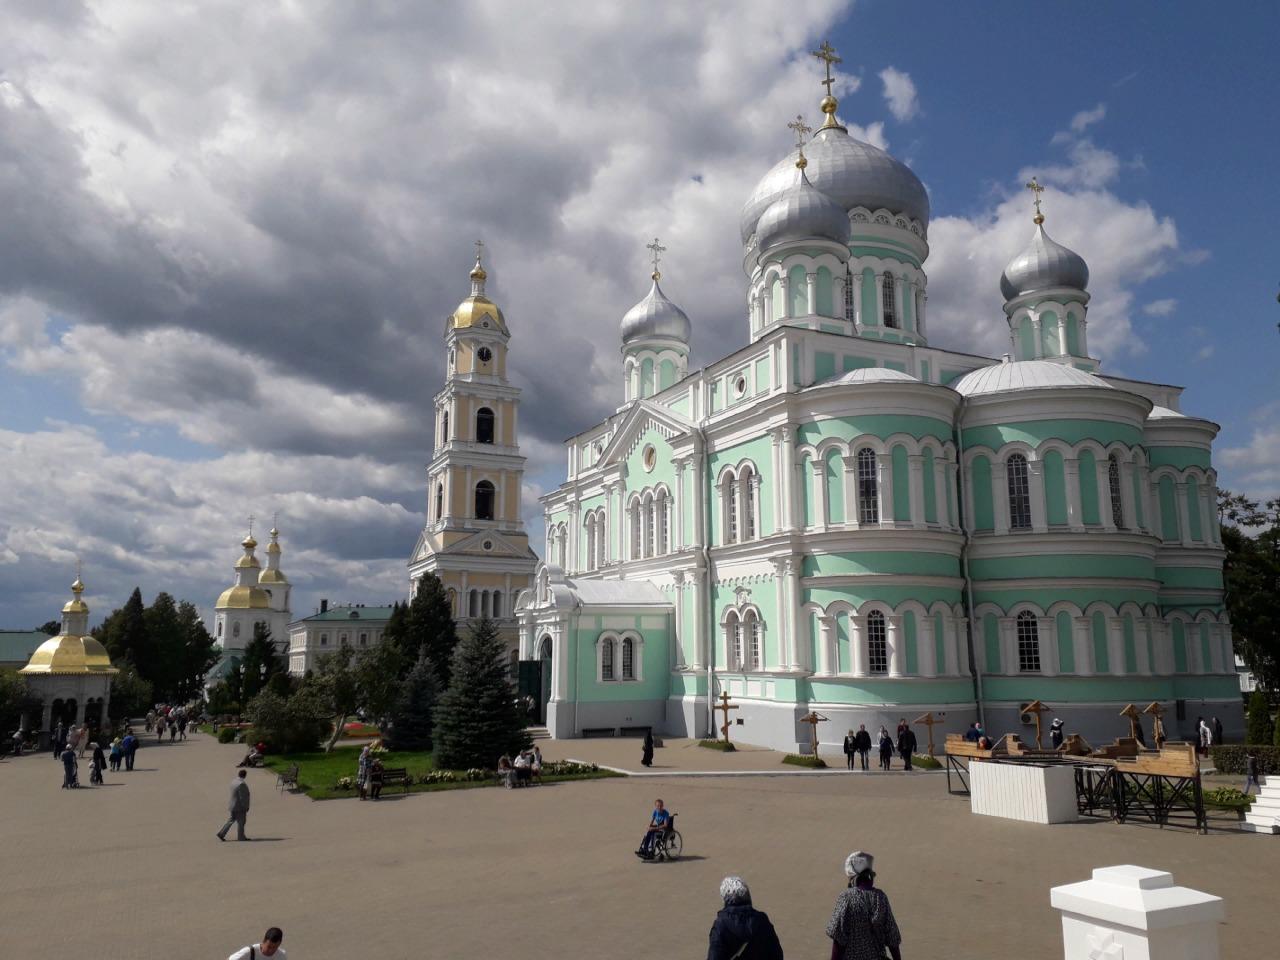 Серафимо-Дивеевский монастырь - индивидуальная экскурсия по Нижнему Новгороду от опытного гида